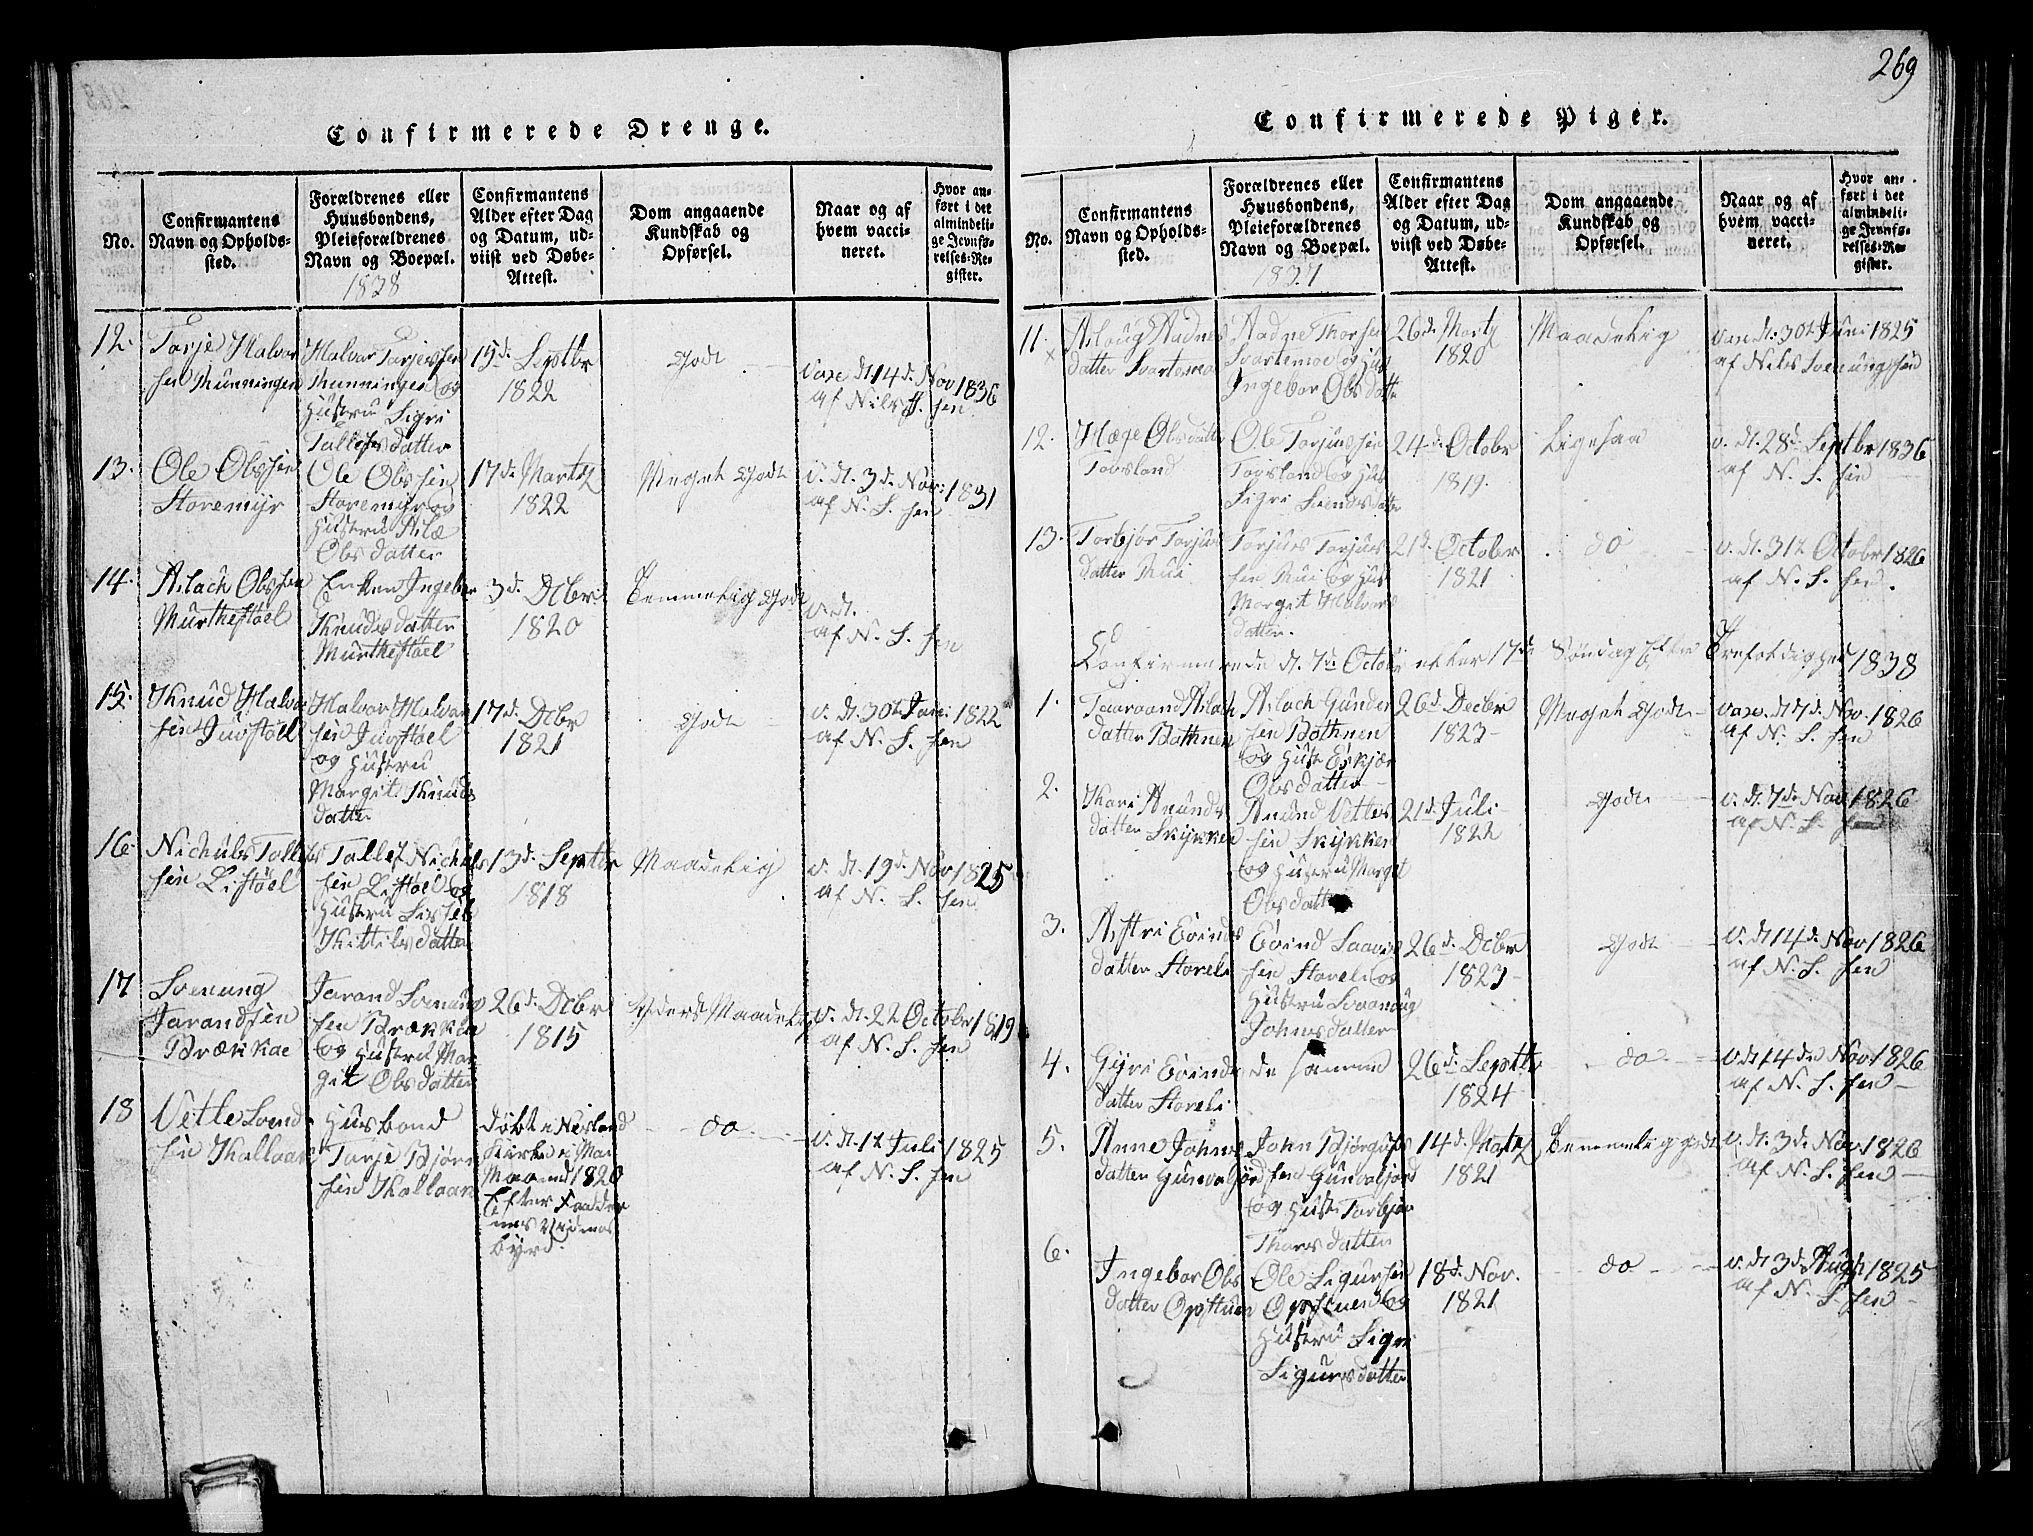 SAKO, Vinje kirkebøker, G/Ga/L0001: Klokkerbok nr. I 1, 1814-1843, s. 269